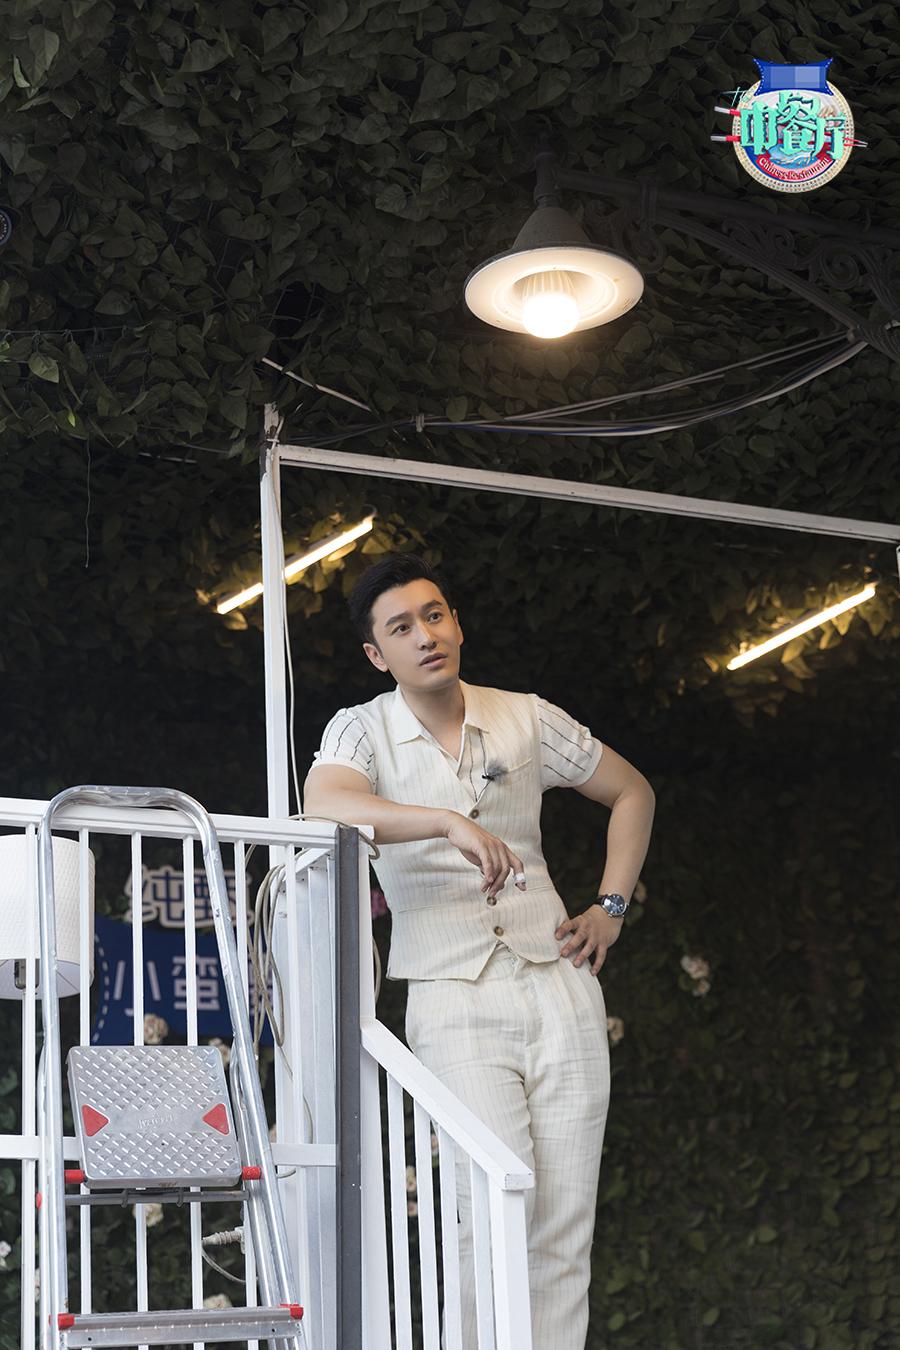 《中餐厅3》公园半日游?王俊凯强力荡秋千晃晕杨紫